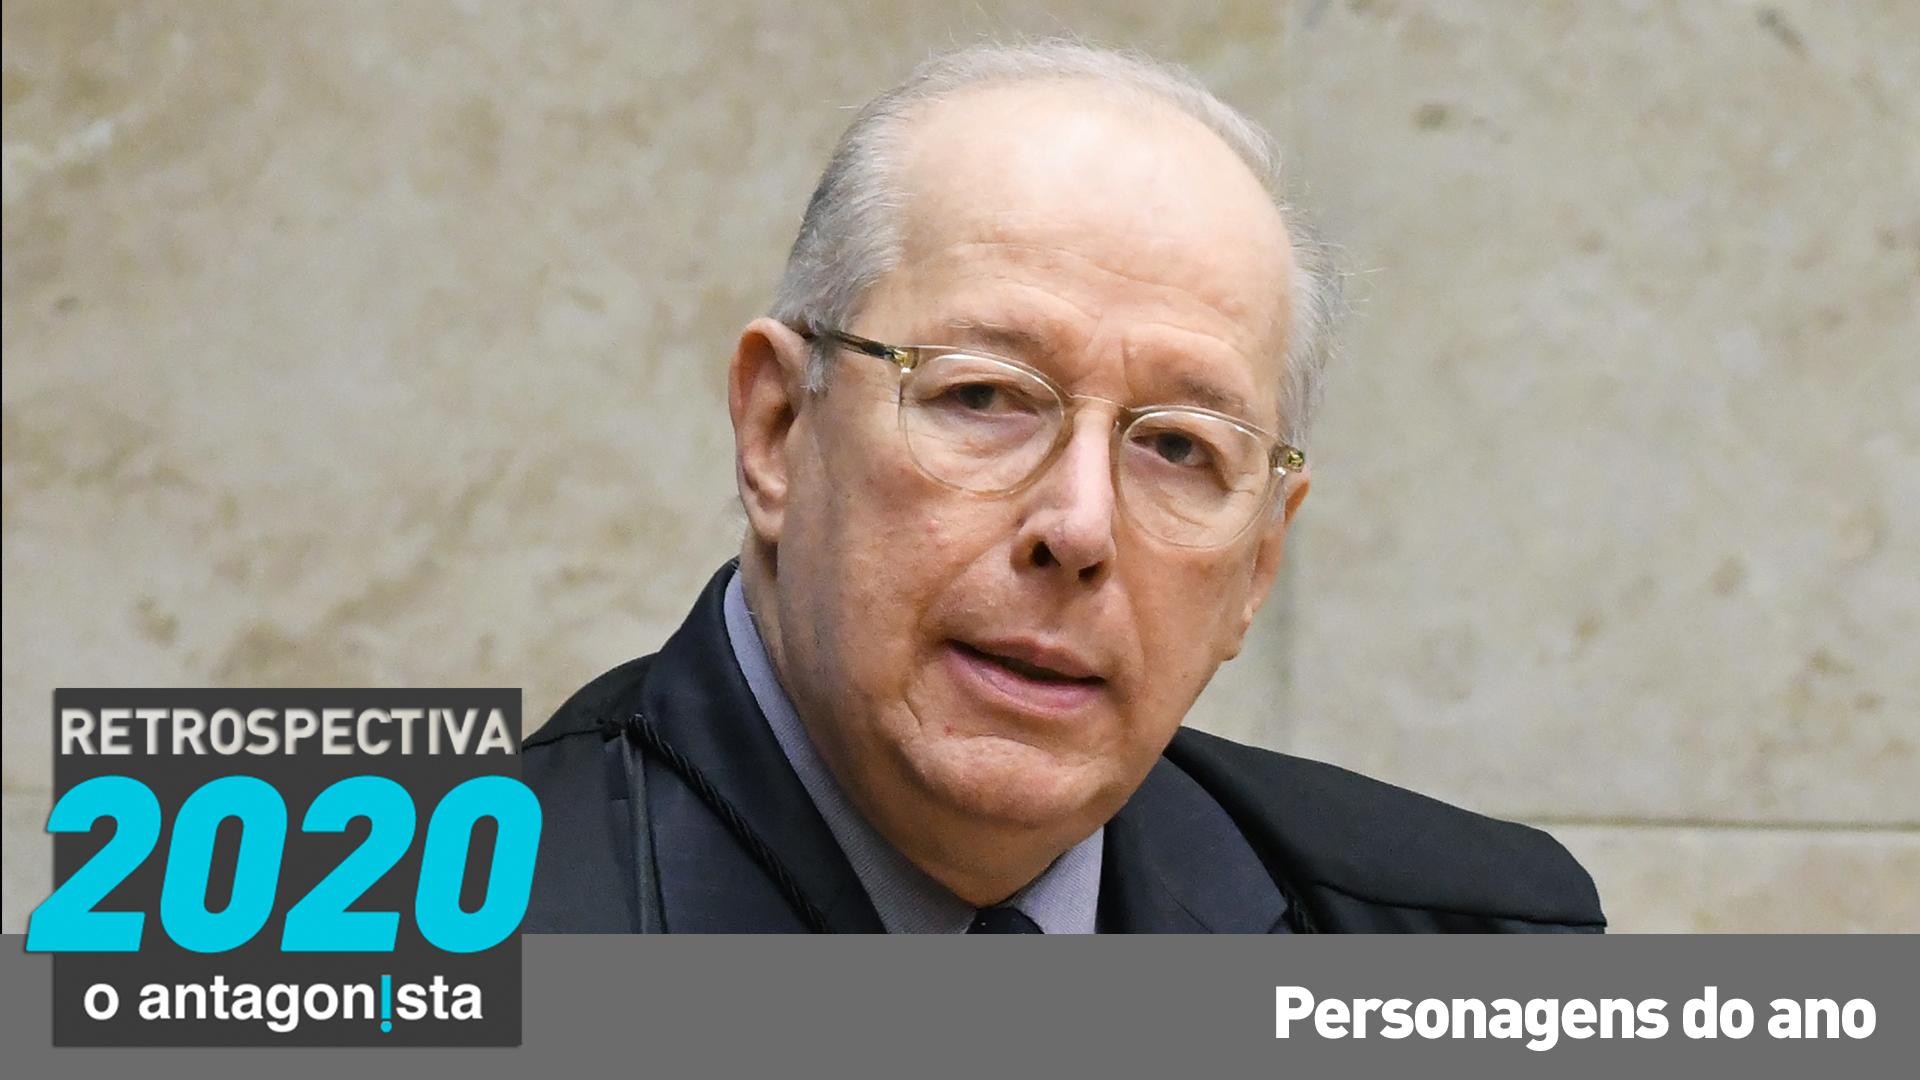 IMAGEM: Celso de Mello: a despedida do decano antibolsonarista